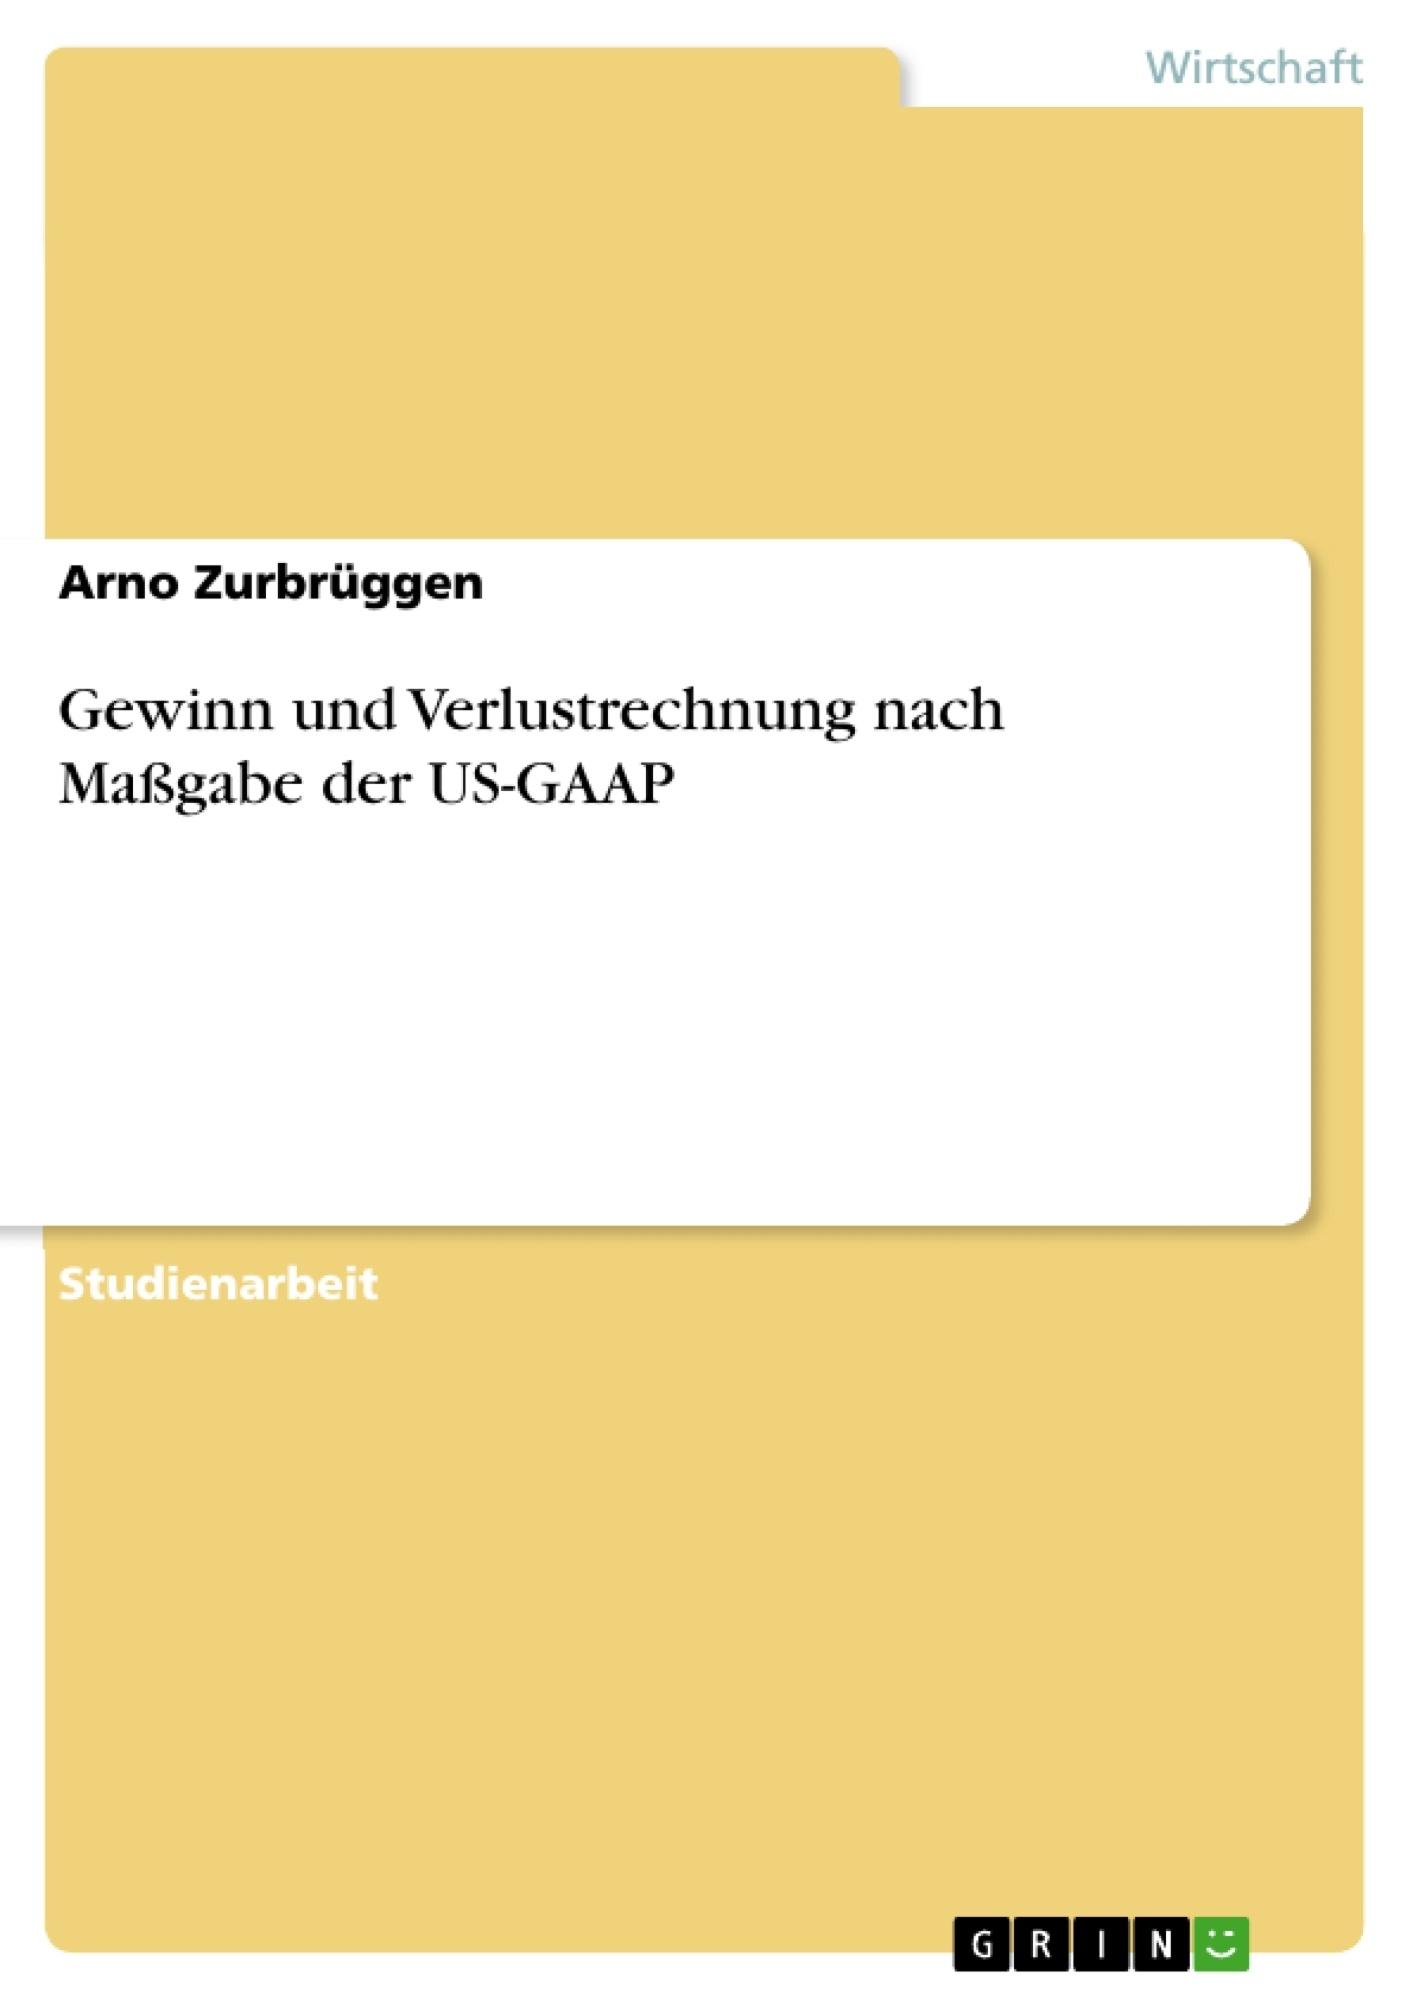 Gewinn und Verlustrechnung nach Maßgabe der US-GAAP | Masterarbeit ...